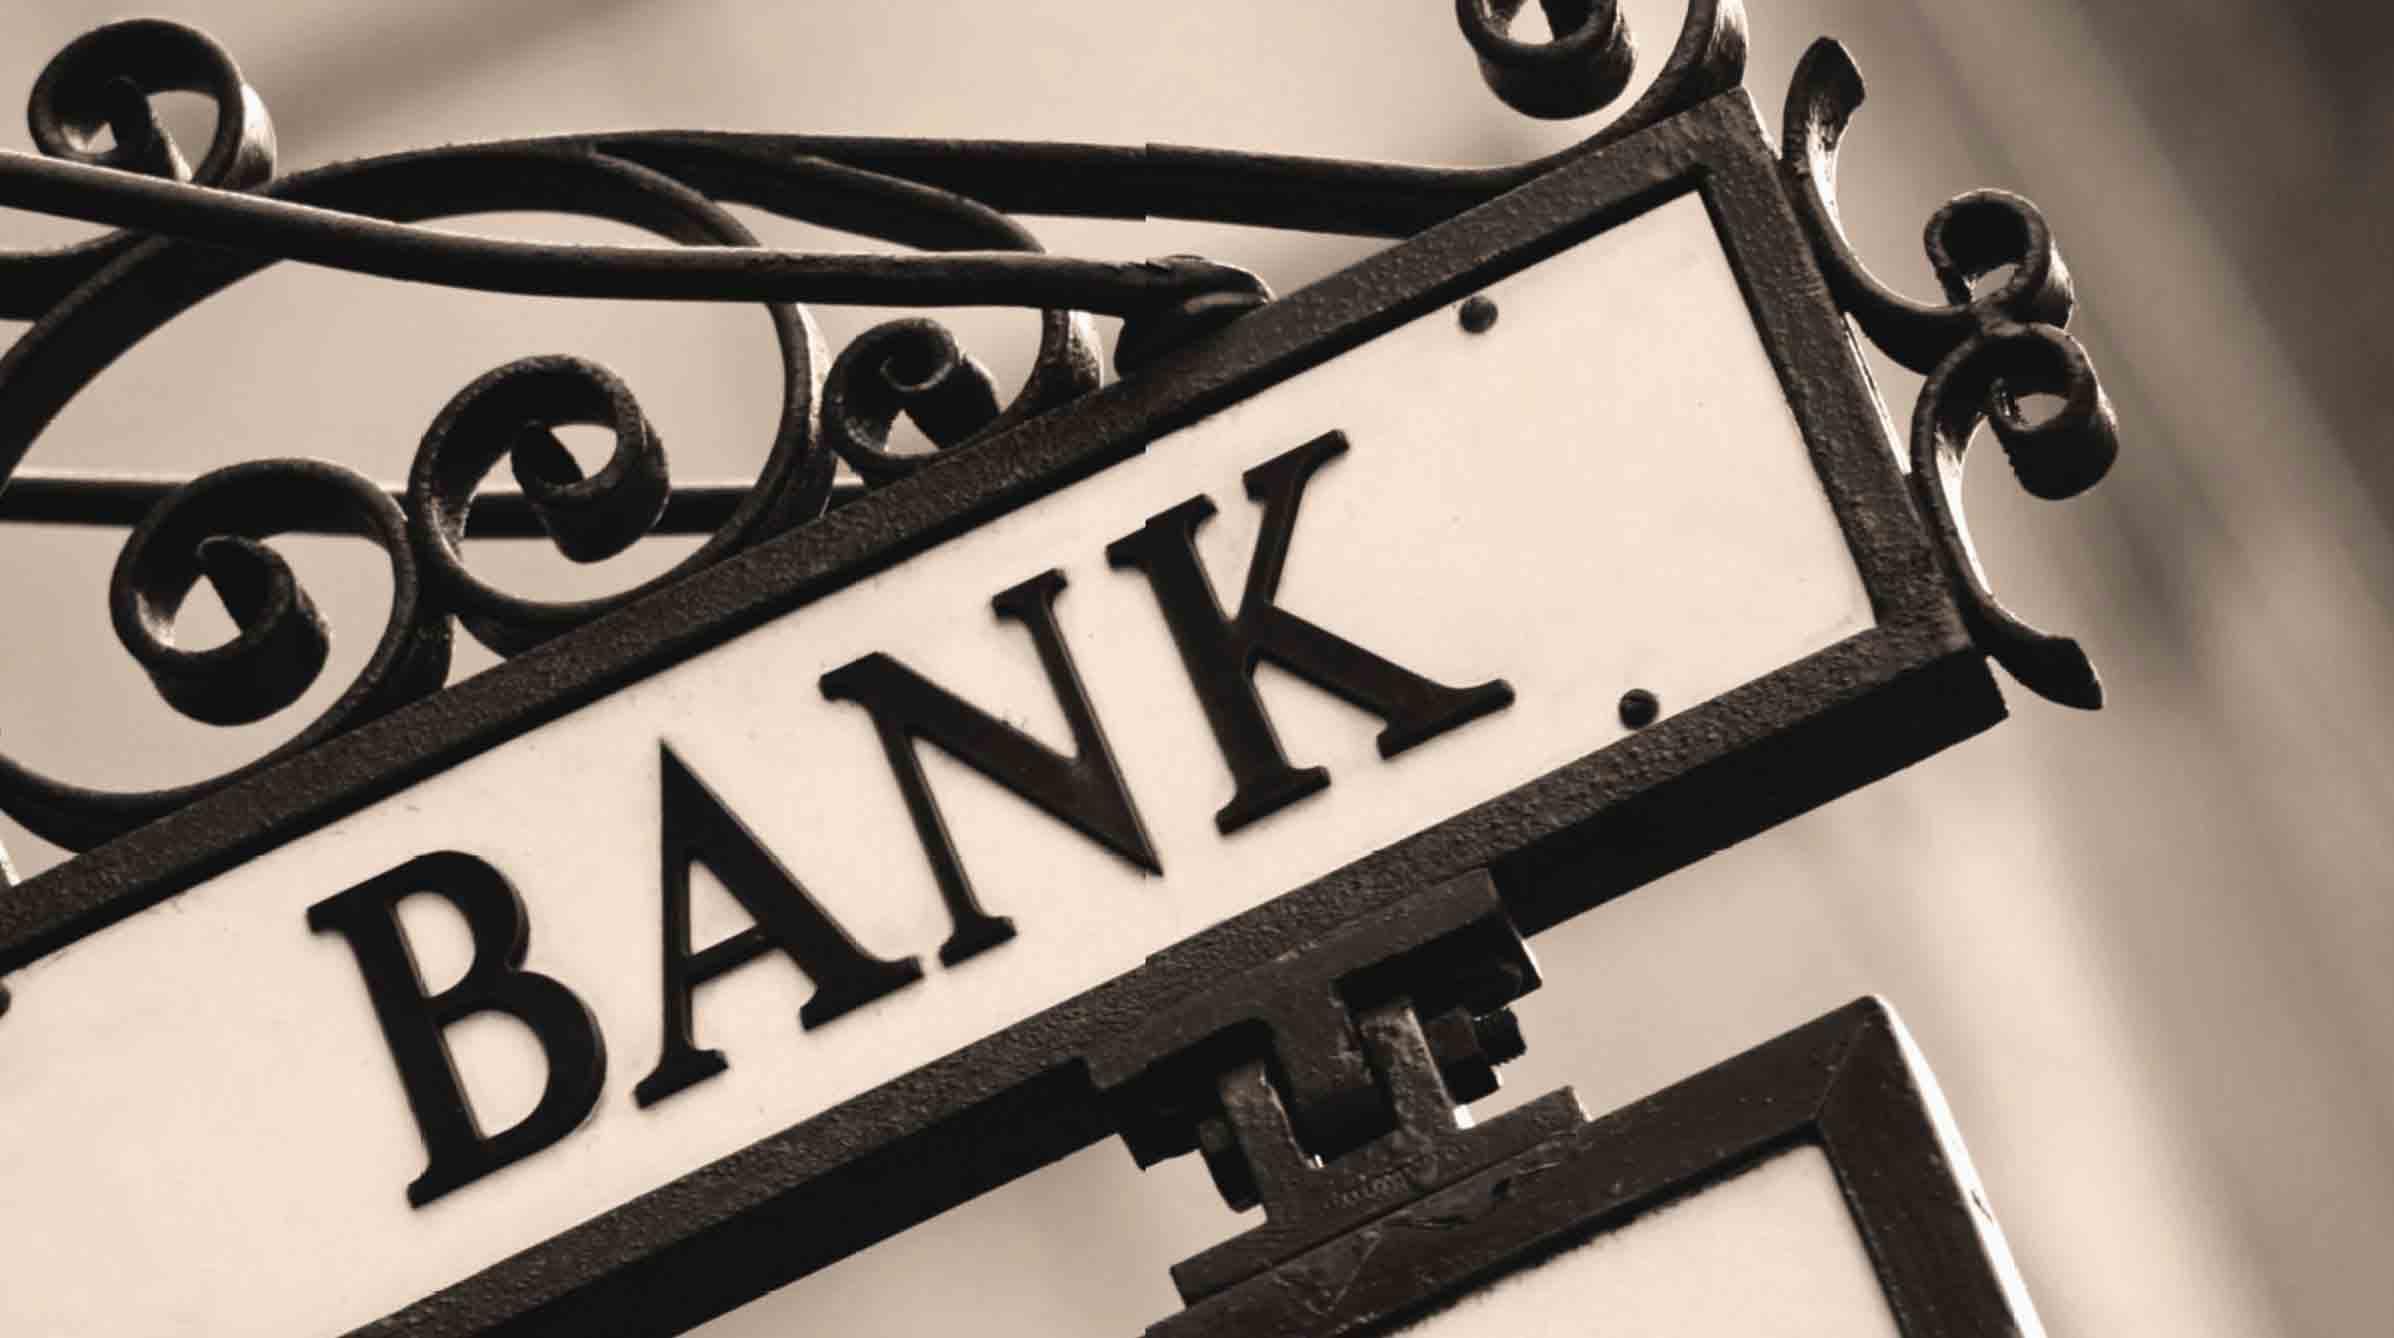 بررسی عوامل موثر بر ریسک اعتباری بانکهای تجاری ایران با تاکید بر عوامل خاص بانکی و کلان اقتصادی